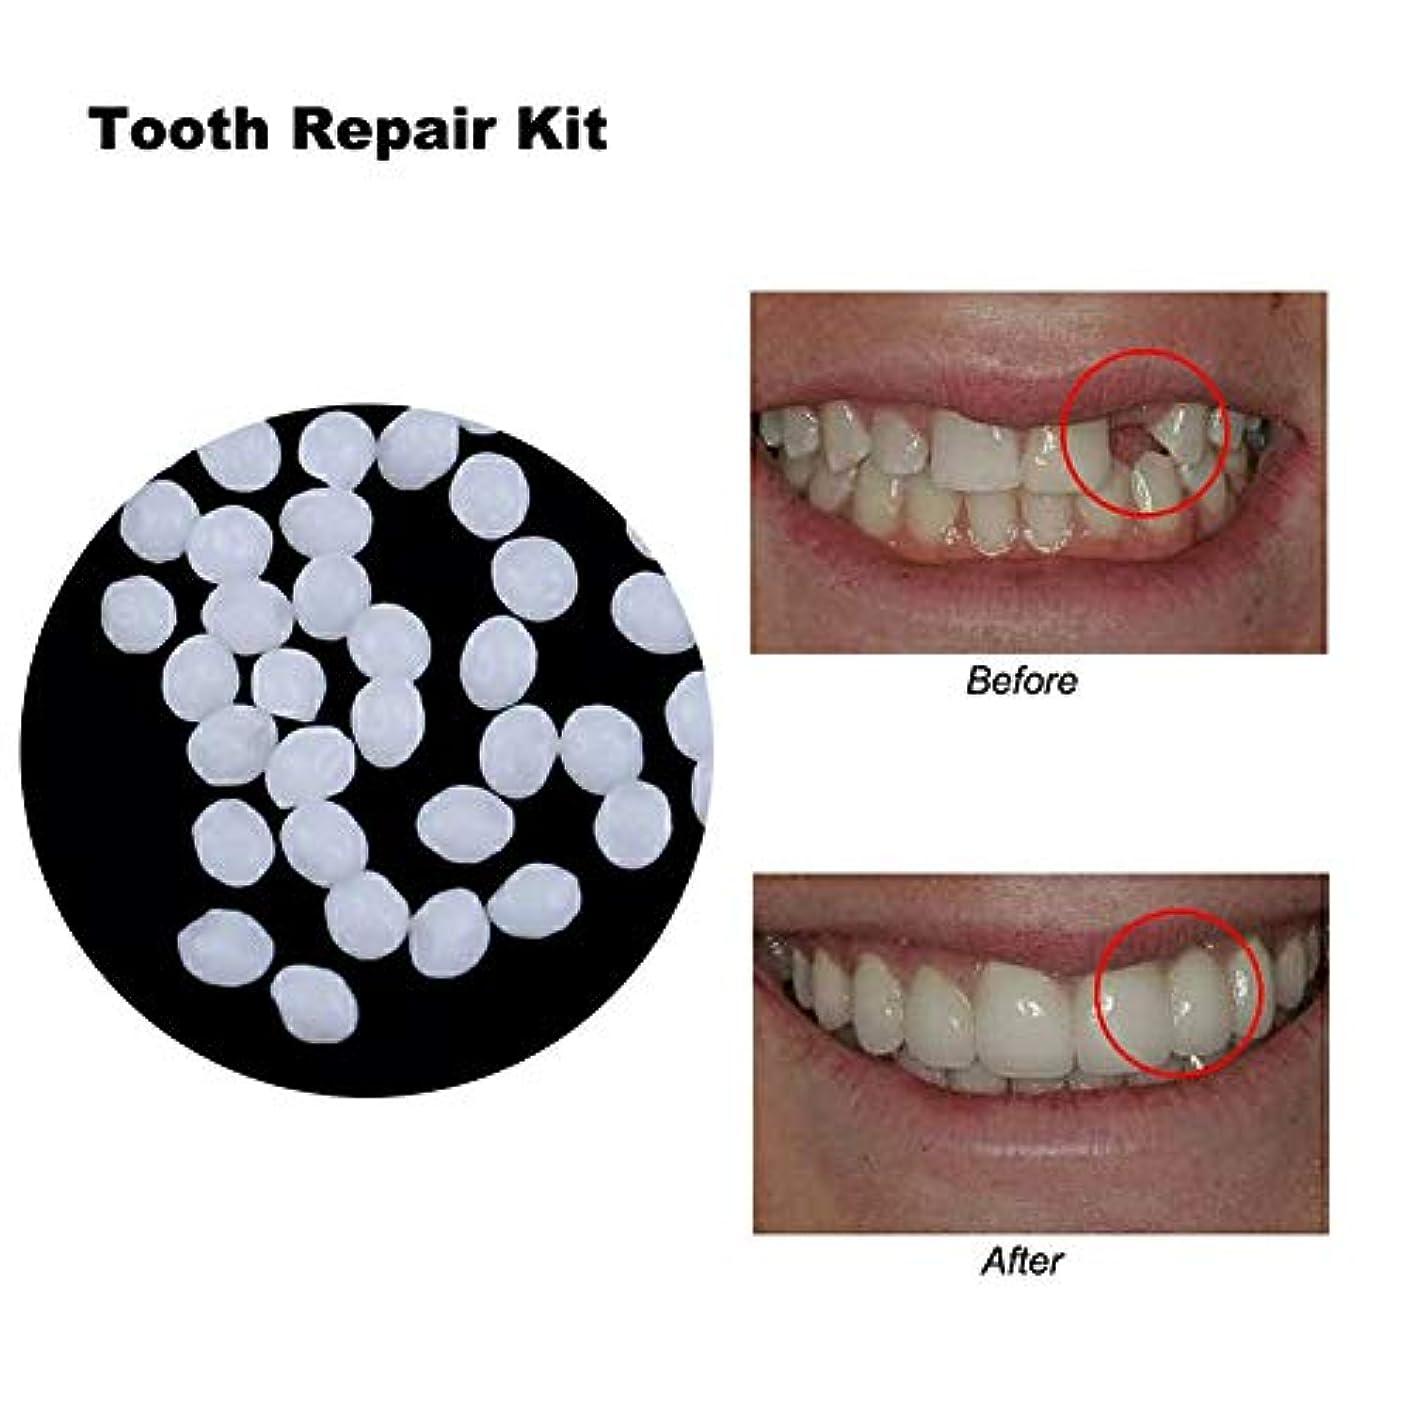 デザート考えるガチョウ偽歯固体接着剤、樹脂の歯とギャップのための一時的な化粧品の歯の修復キットクリエイティブ義歯接着剤,10ml14g